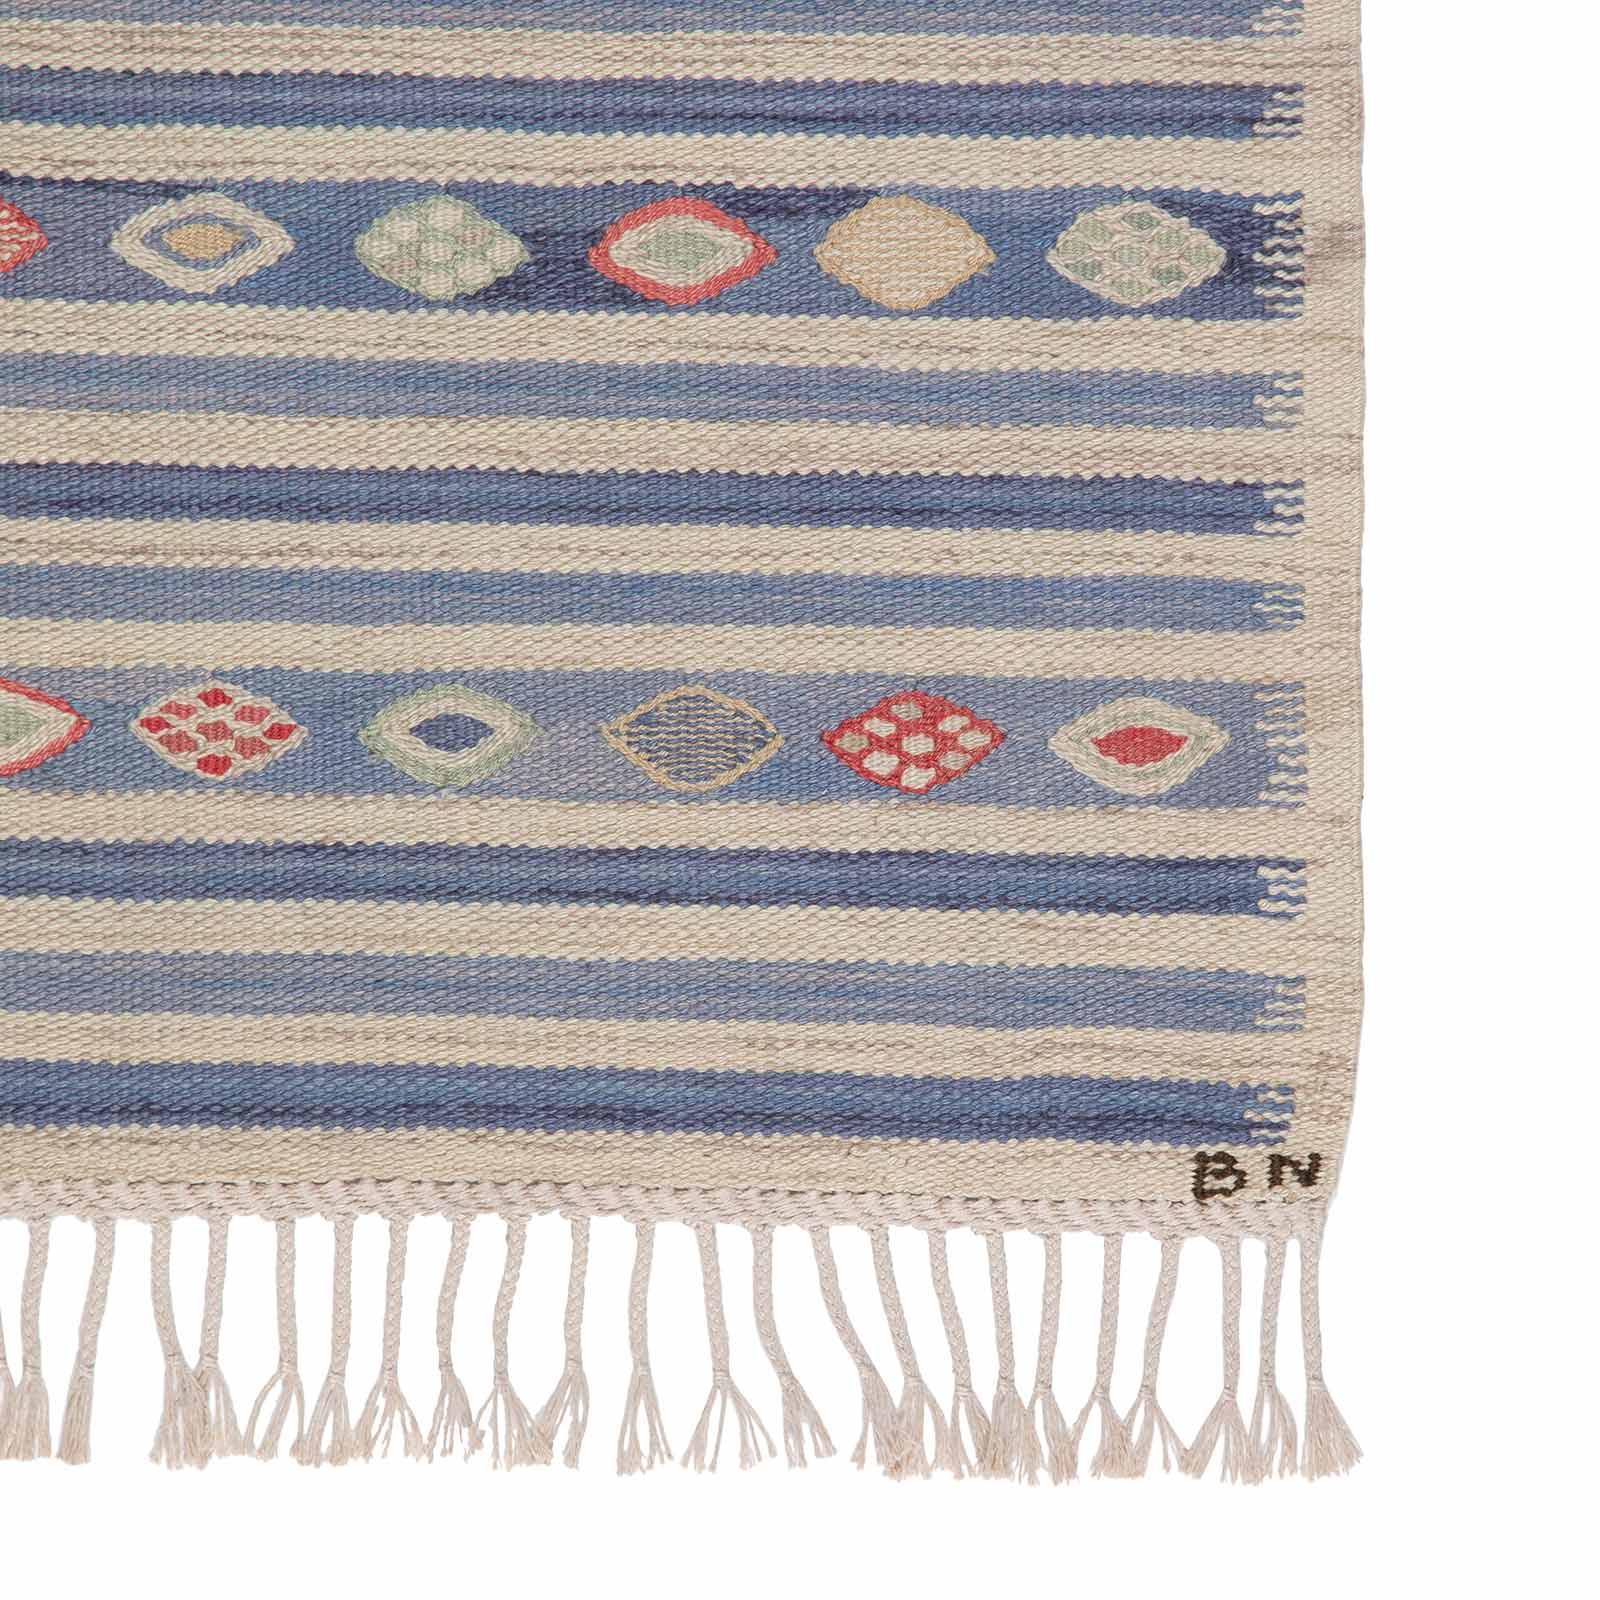 A rug, 'Blåbär, Ljus'